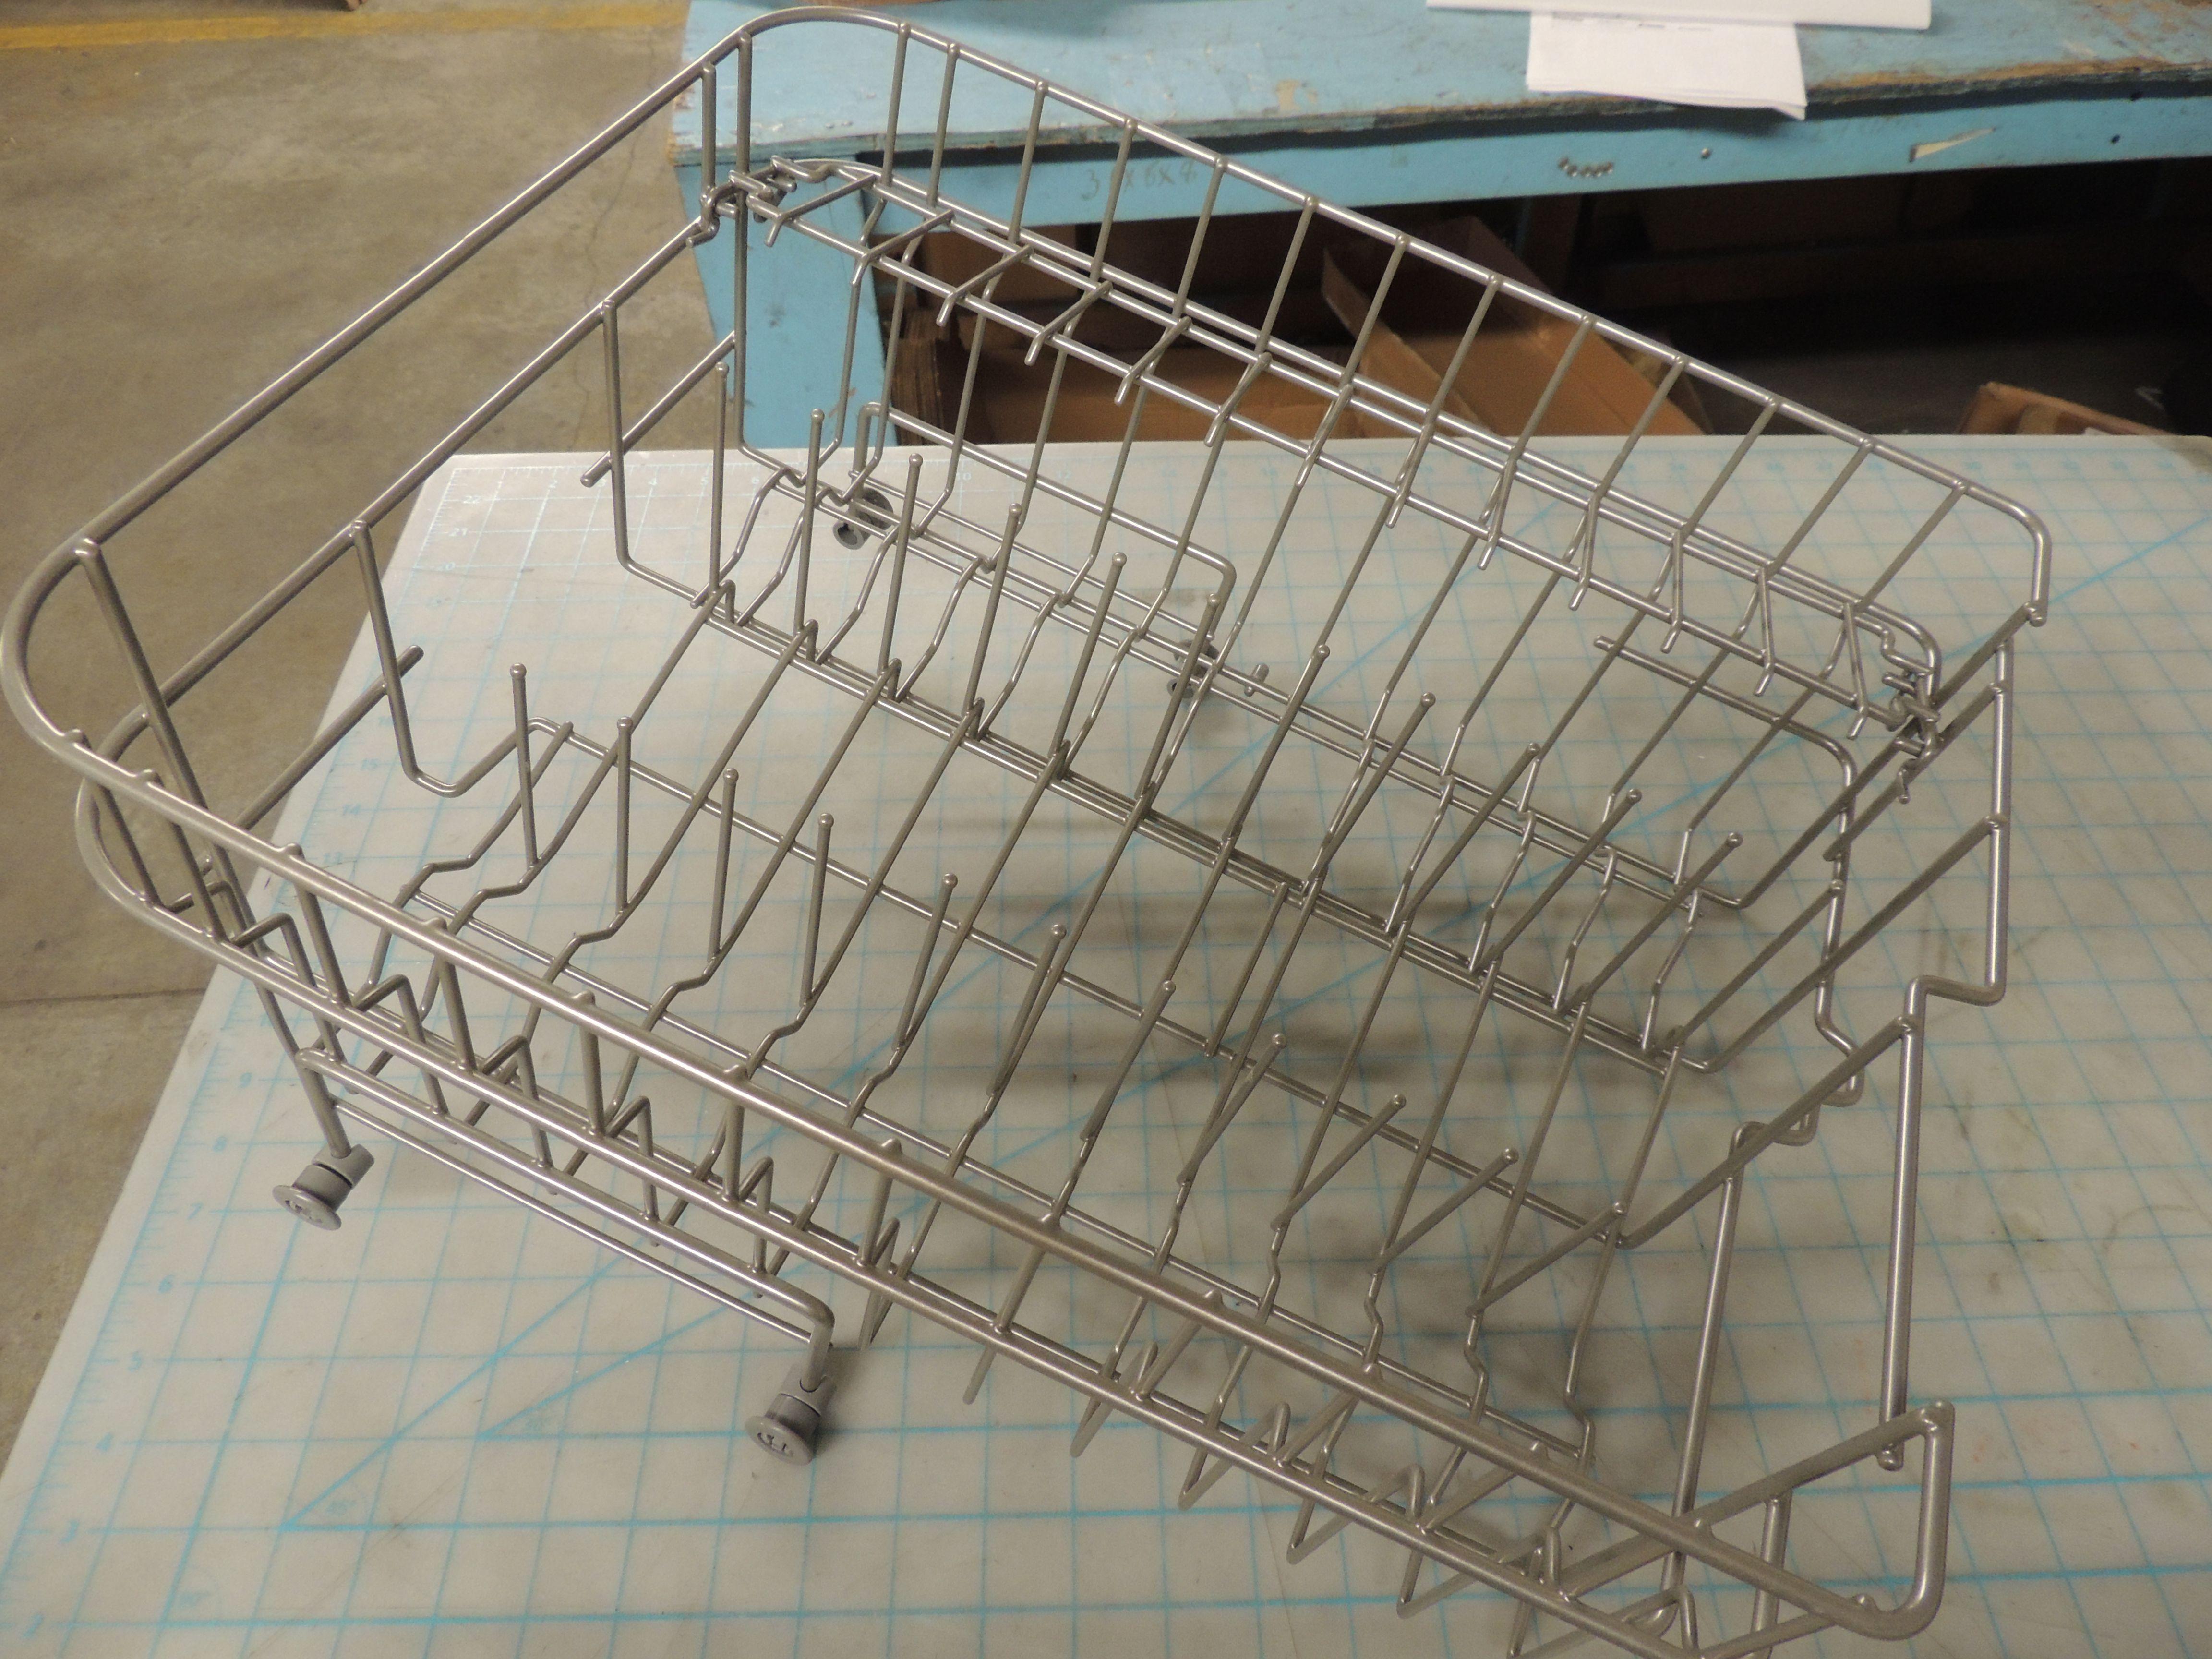 Upper basket